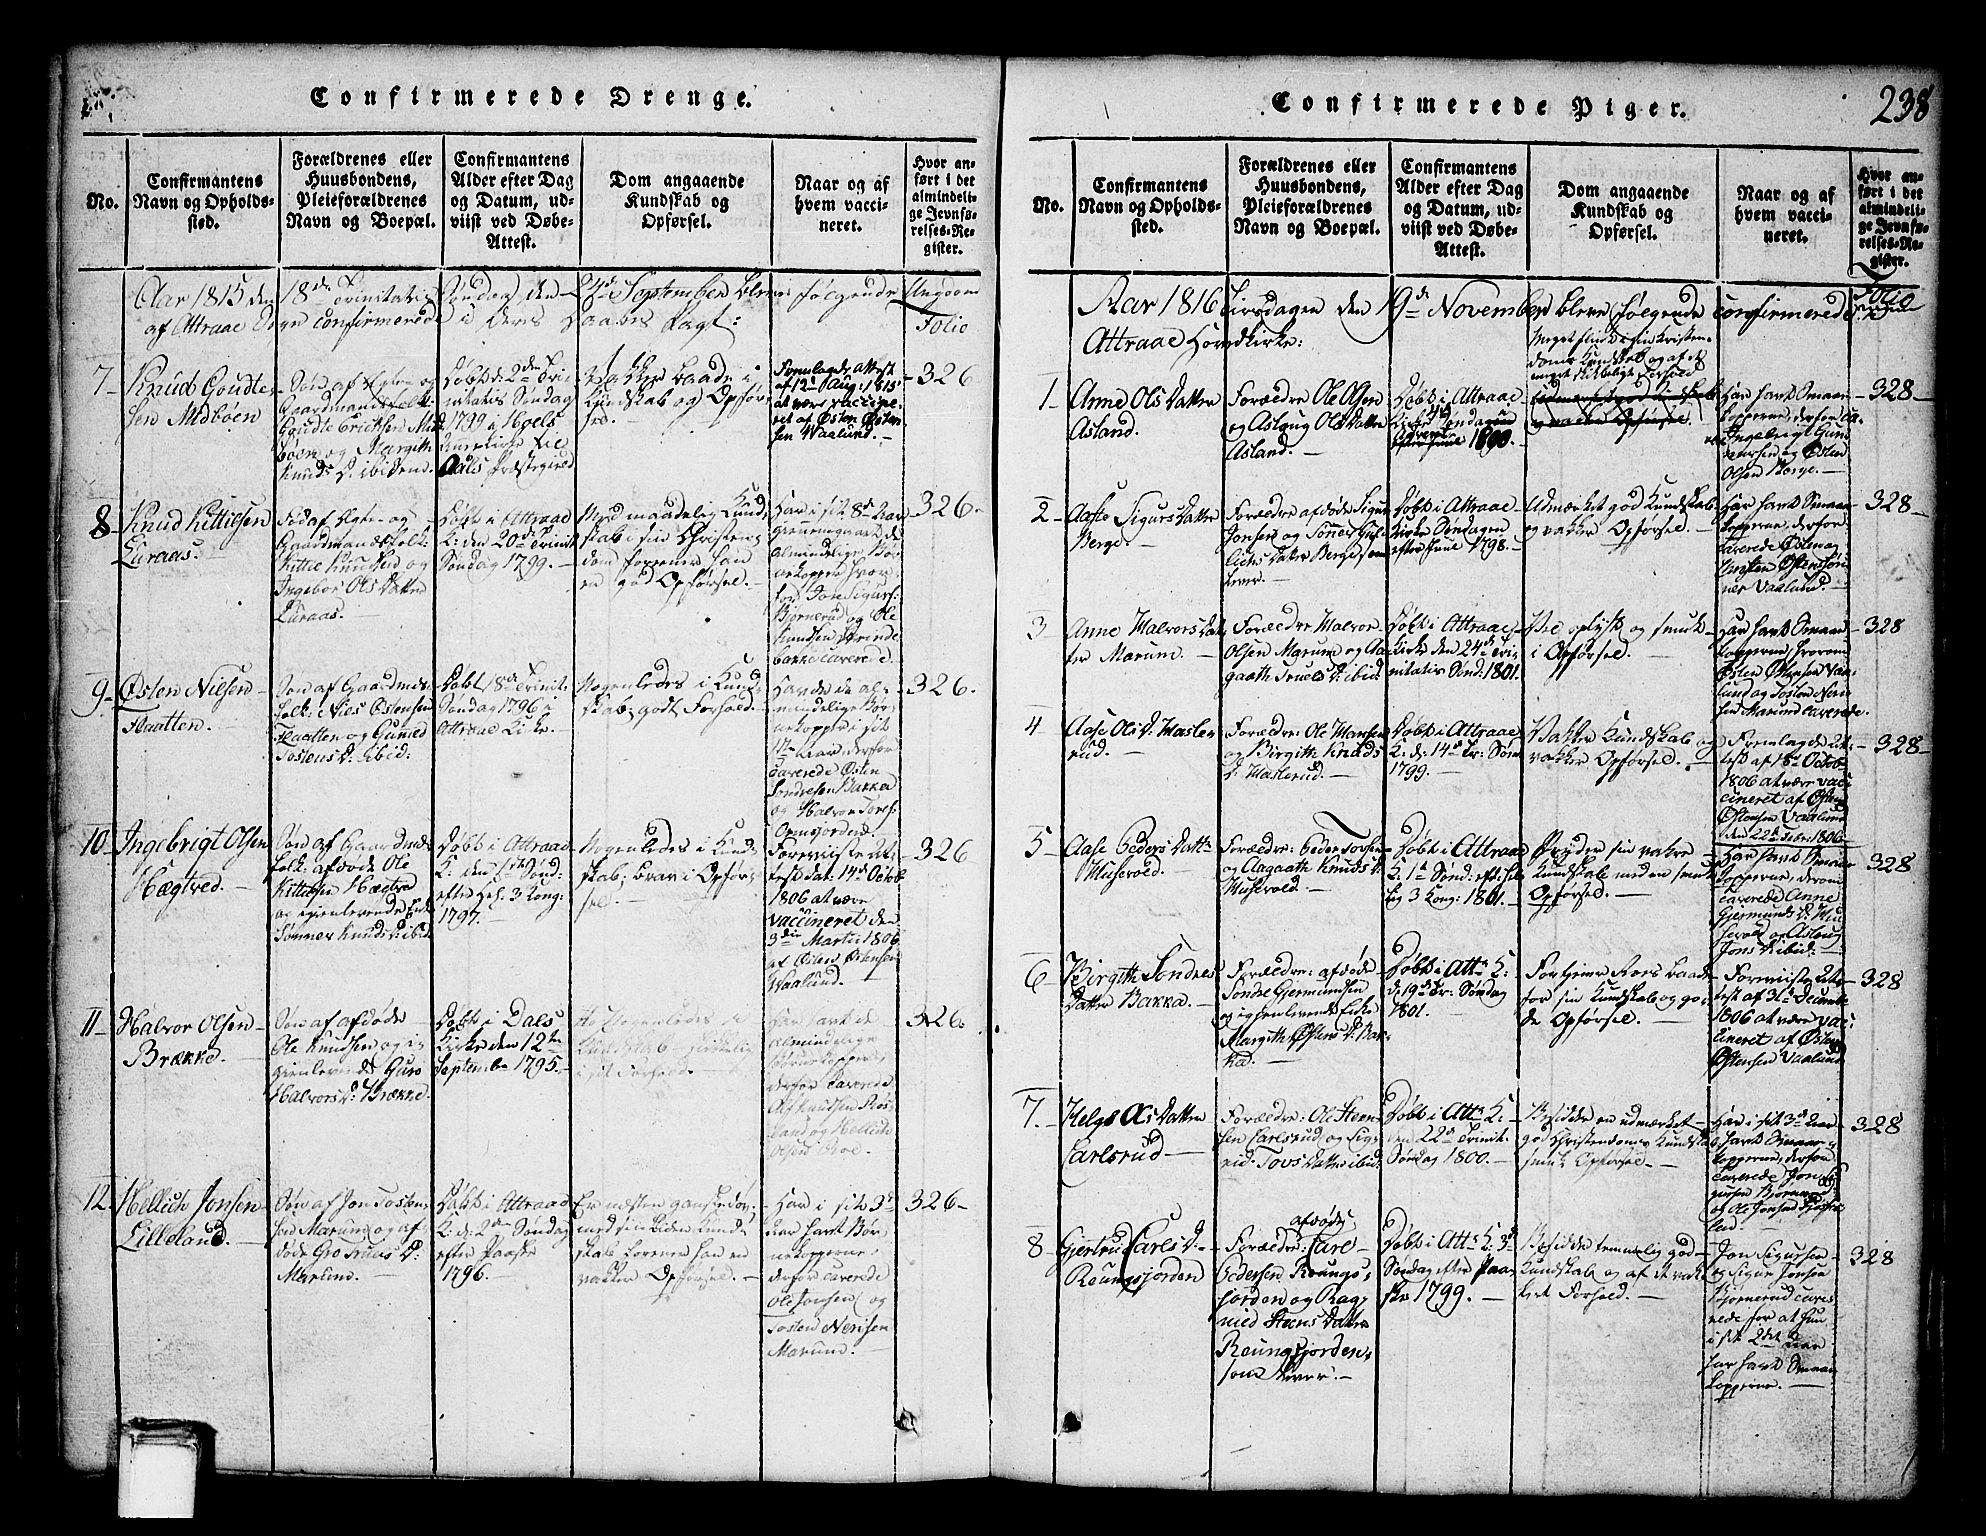 SAKO, Tinn kirkebøker, G/Ga/L0001: Klokkerbok nr. I 1, 1815-1850, s. 238